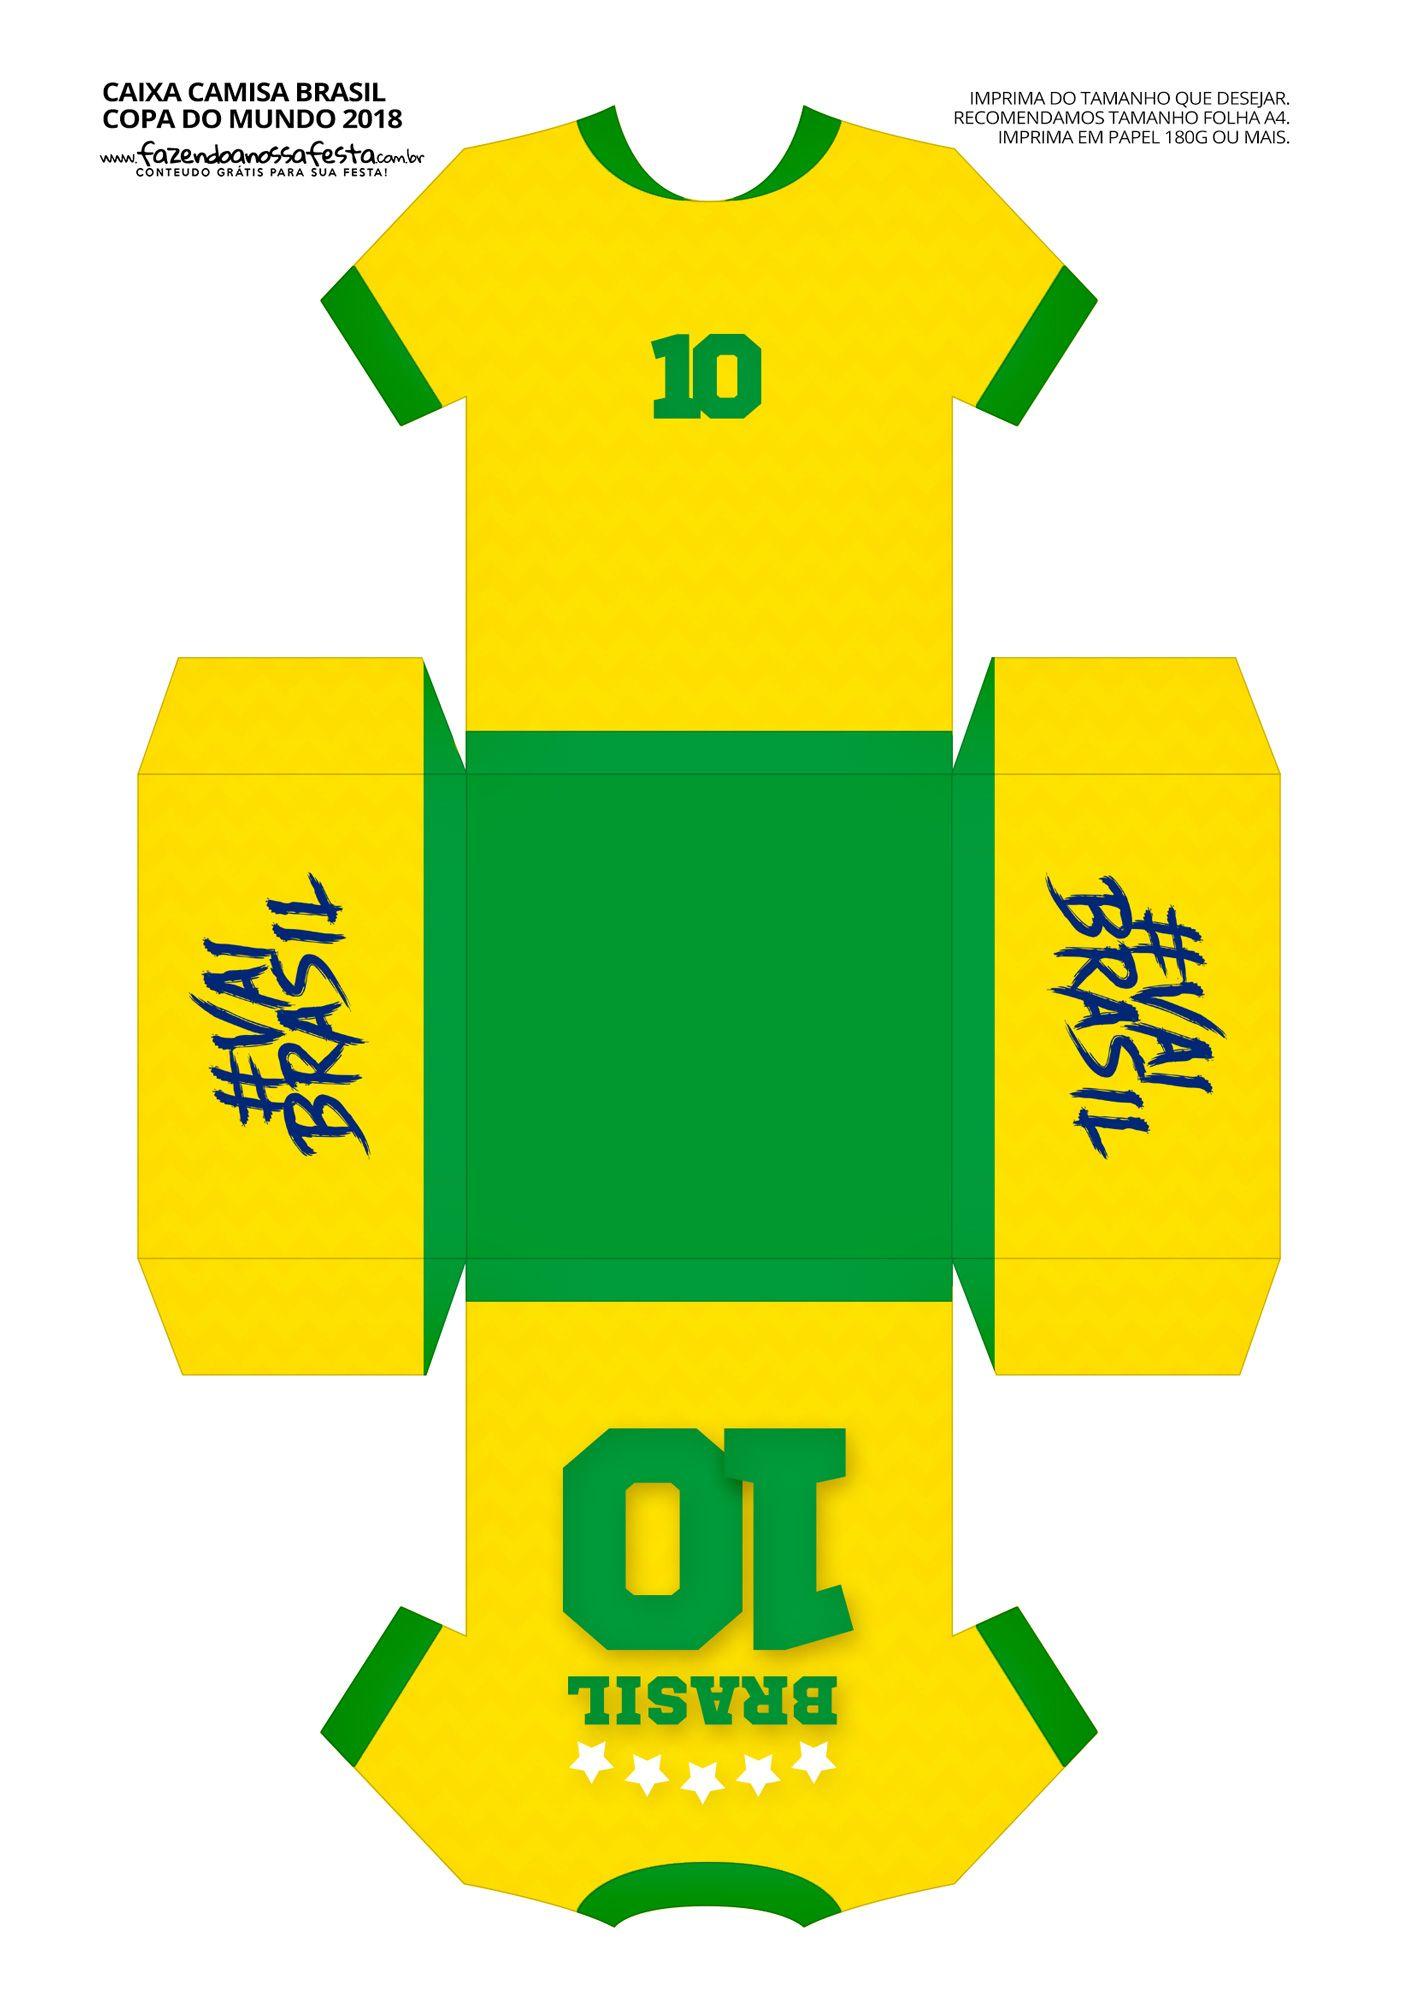 b4eb6df739 Veja o que temos para Caixa Camisa Copa do Mundo Molde